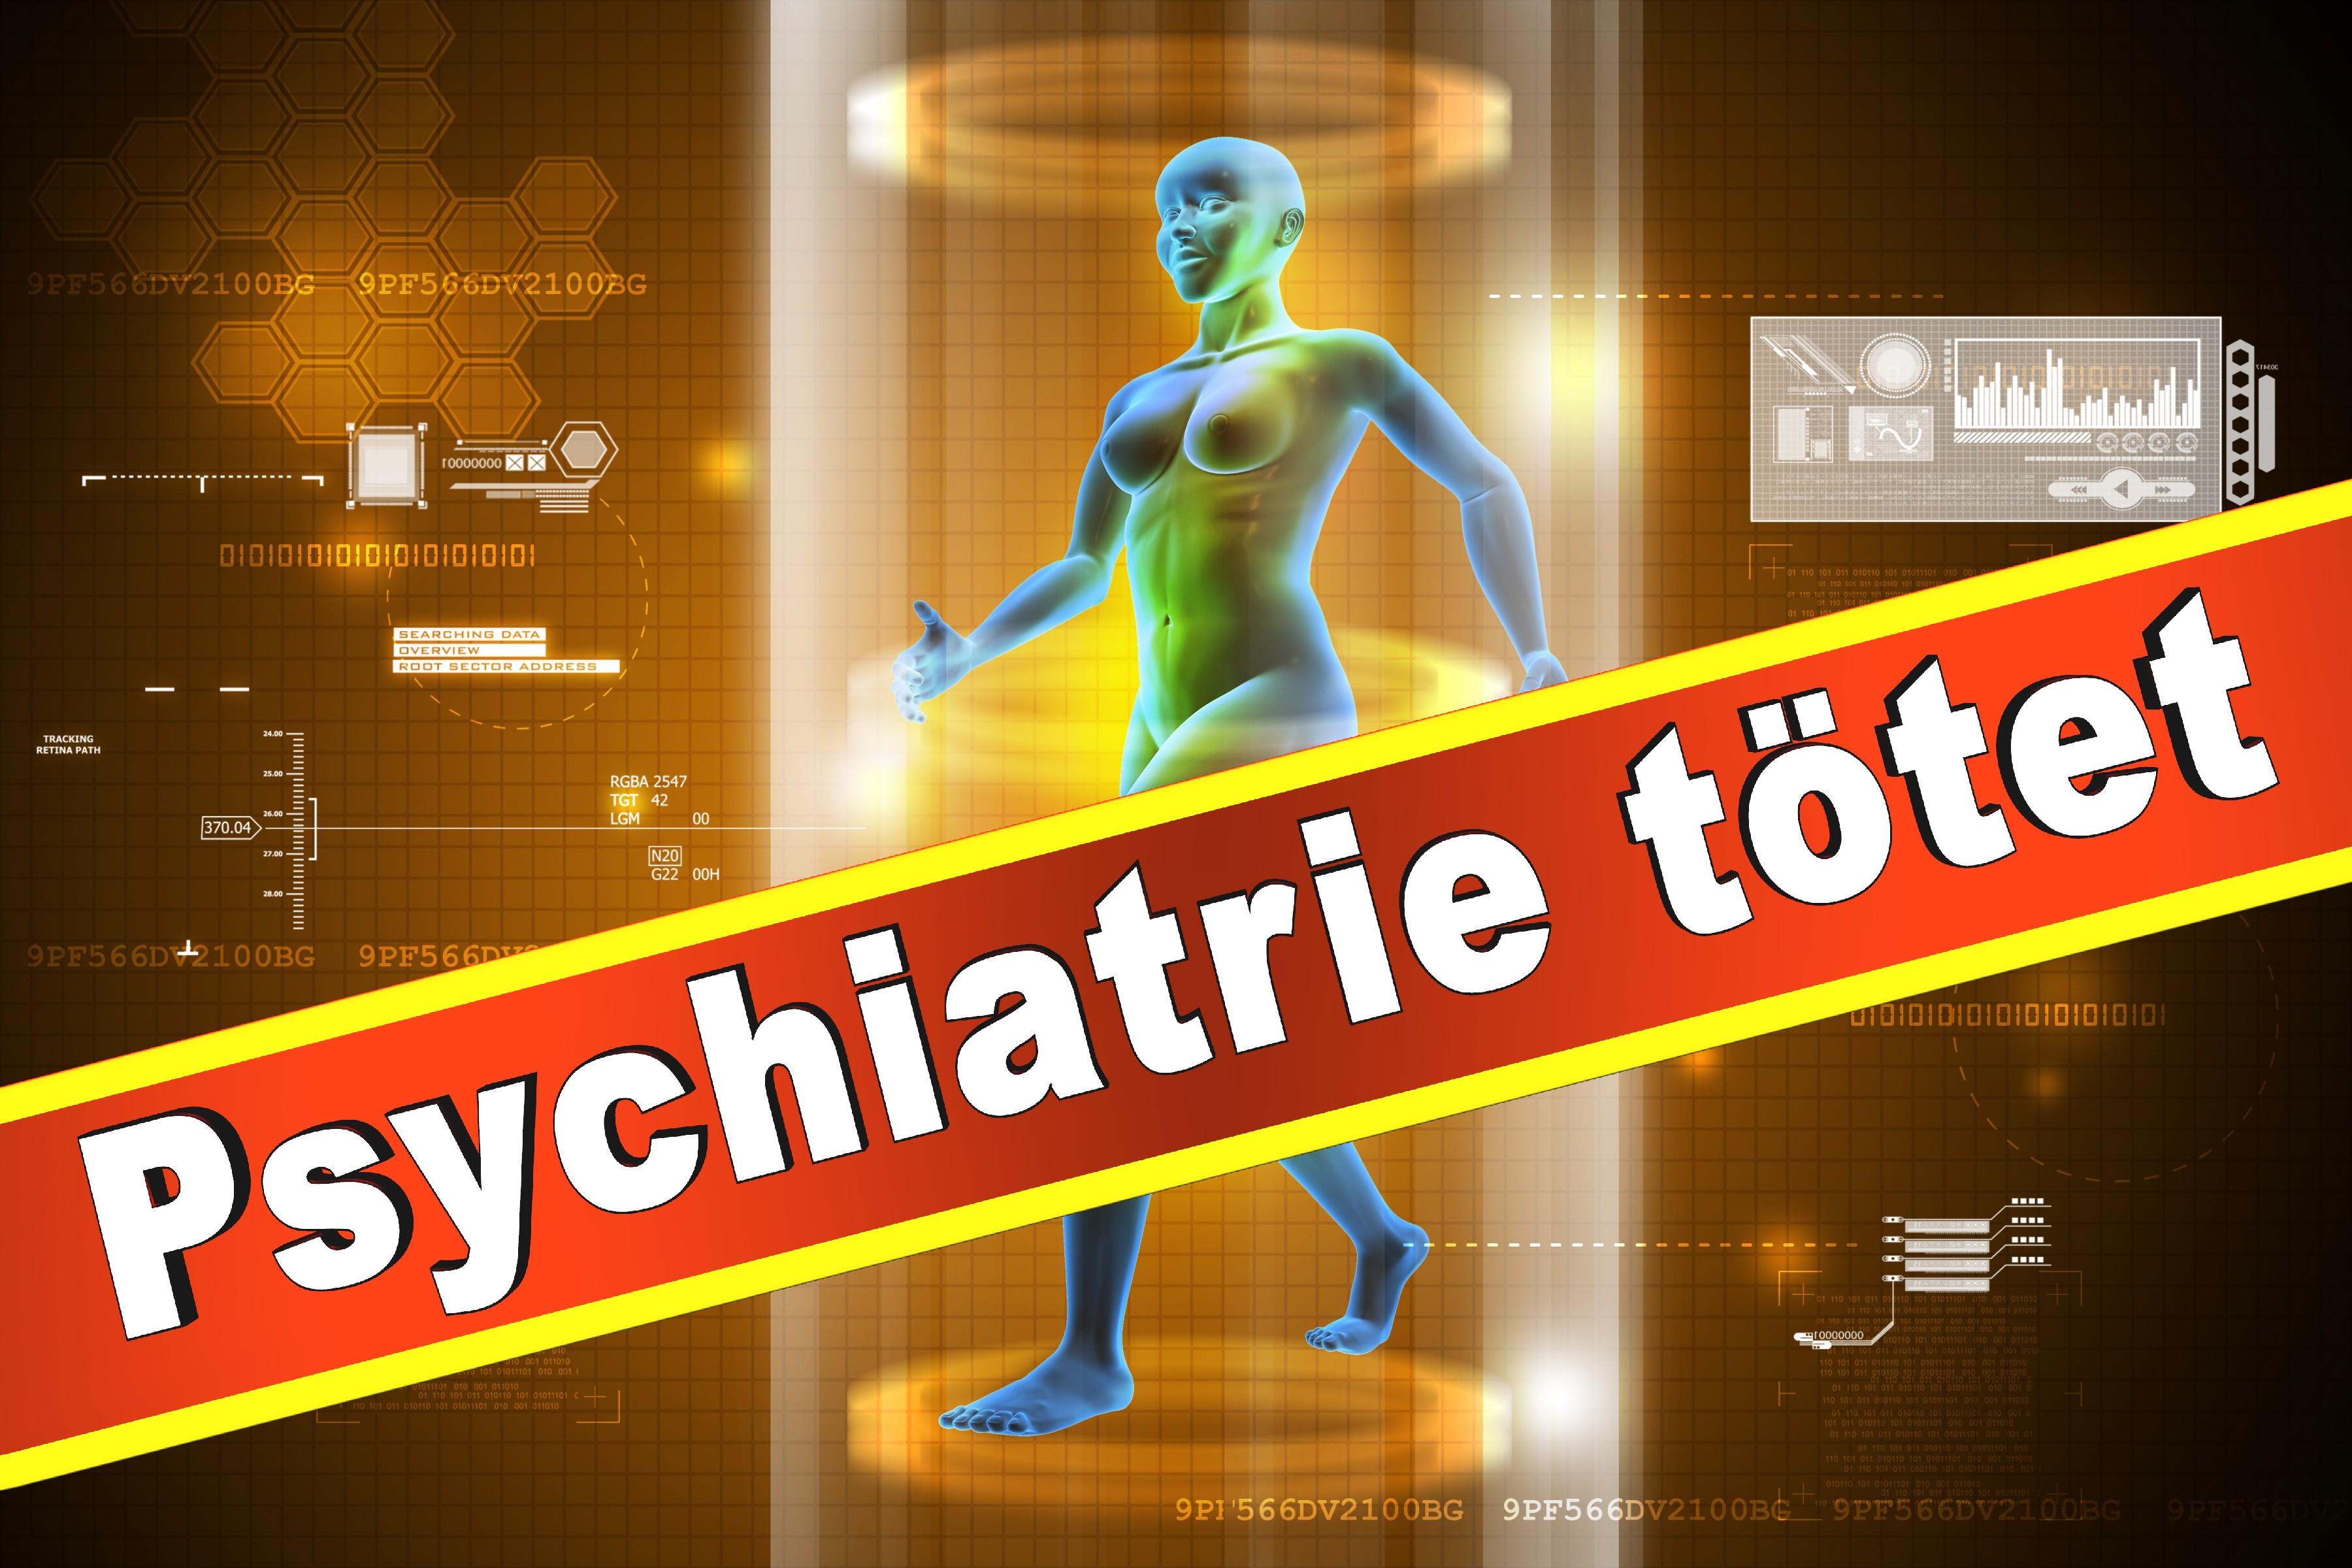 Carl Ernst Von Schönfeld Tagesklinik Psychiatrie Tod Bethel Psychiater Korruption Gift Zwangspsychiatrie Unterbringung (15)